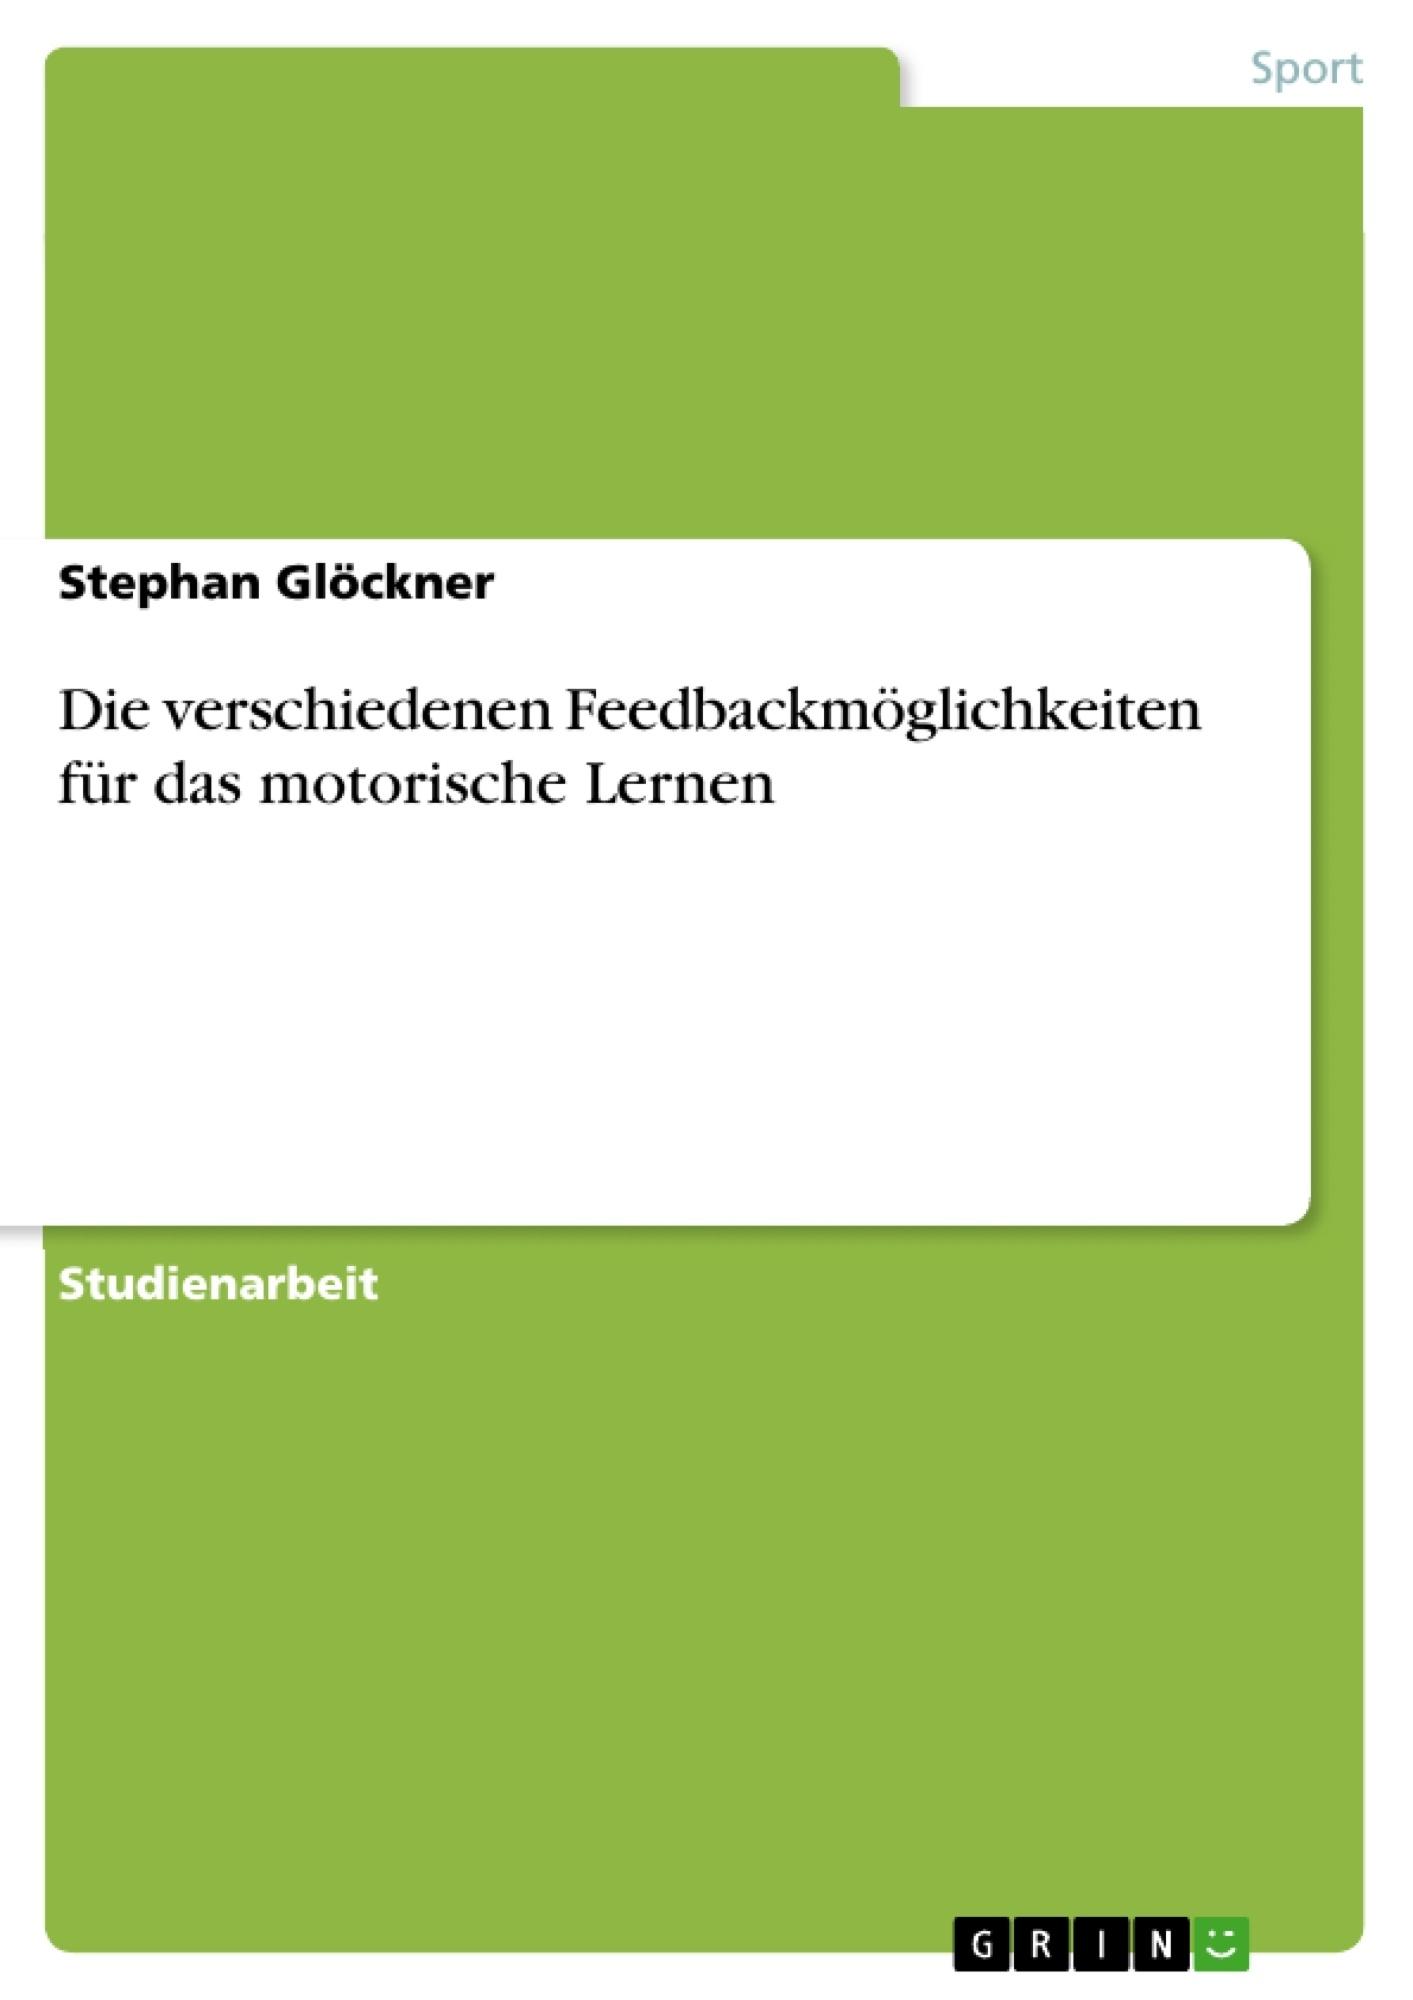 Titel: Die verschiedenen Feedbackmöglichkeiten für das motorische Lernen